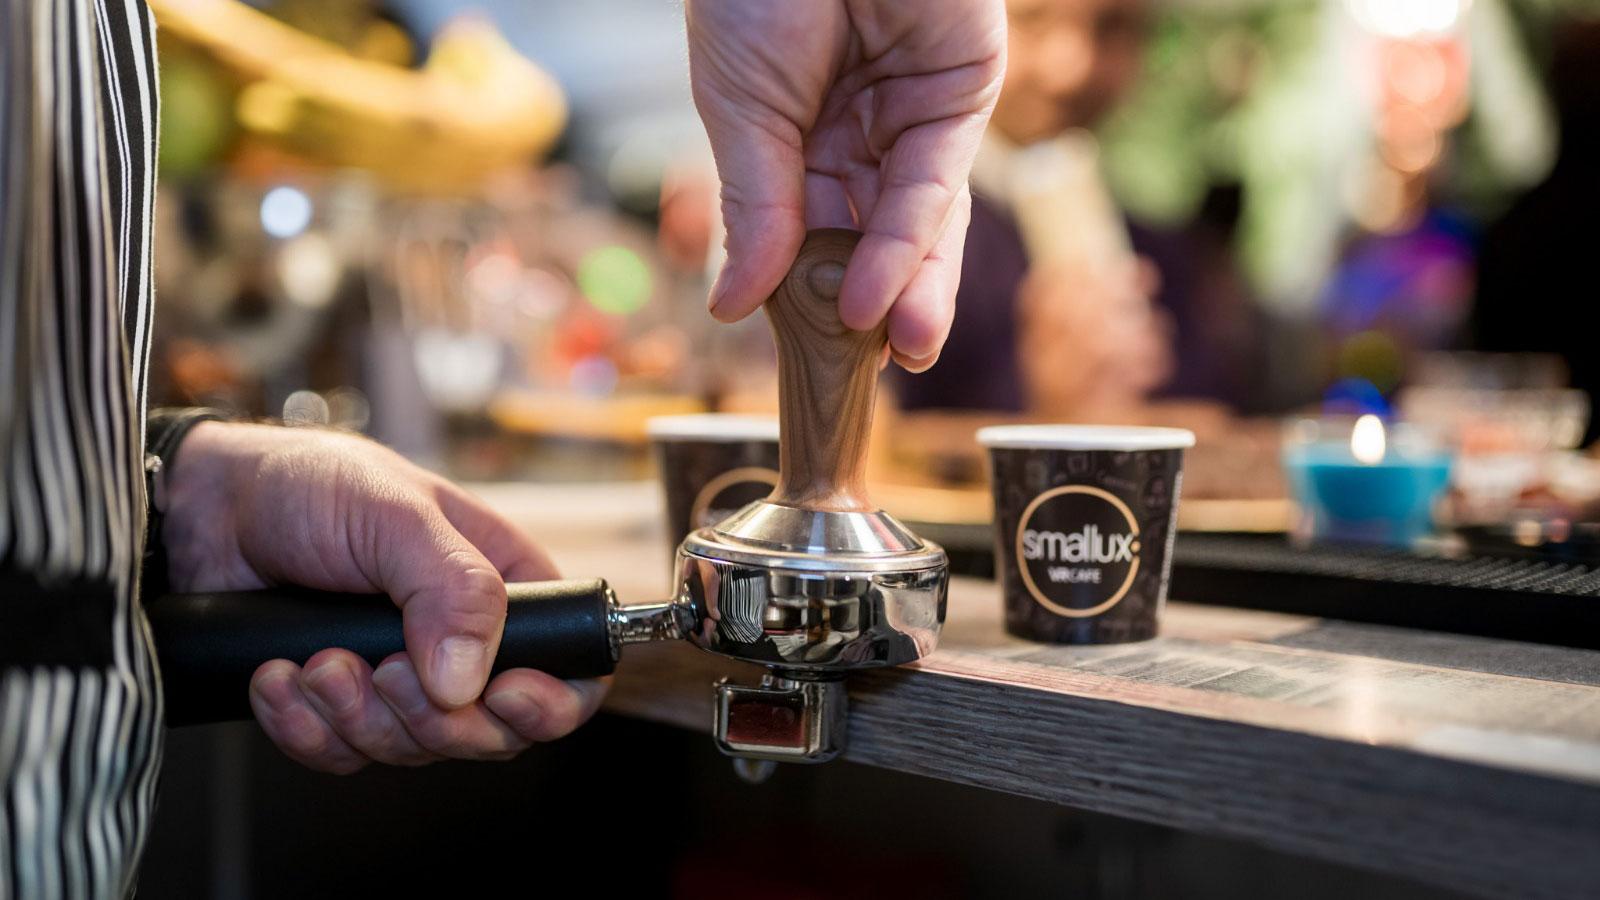 Smallux Single Orjin Dünya Kahveleri